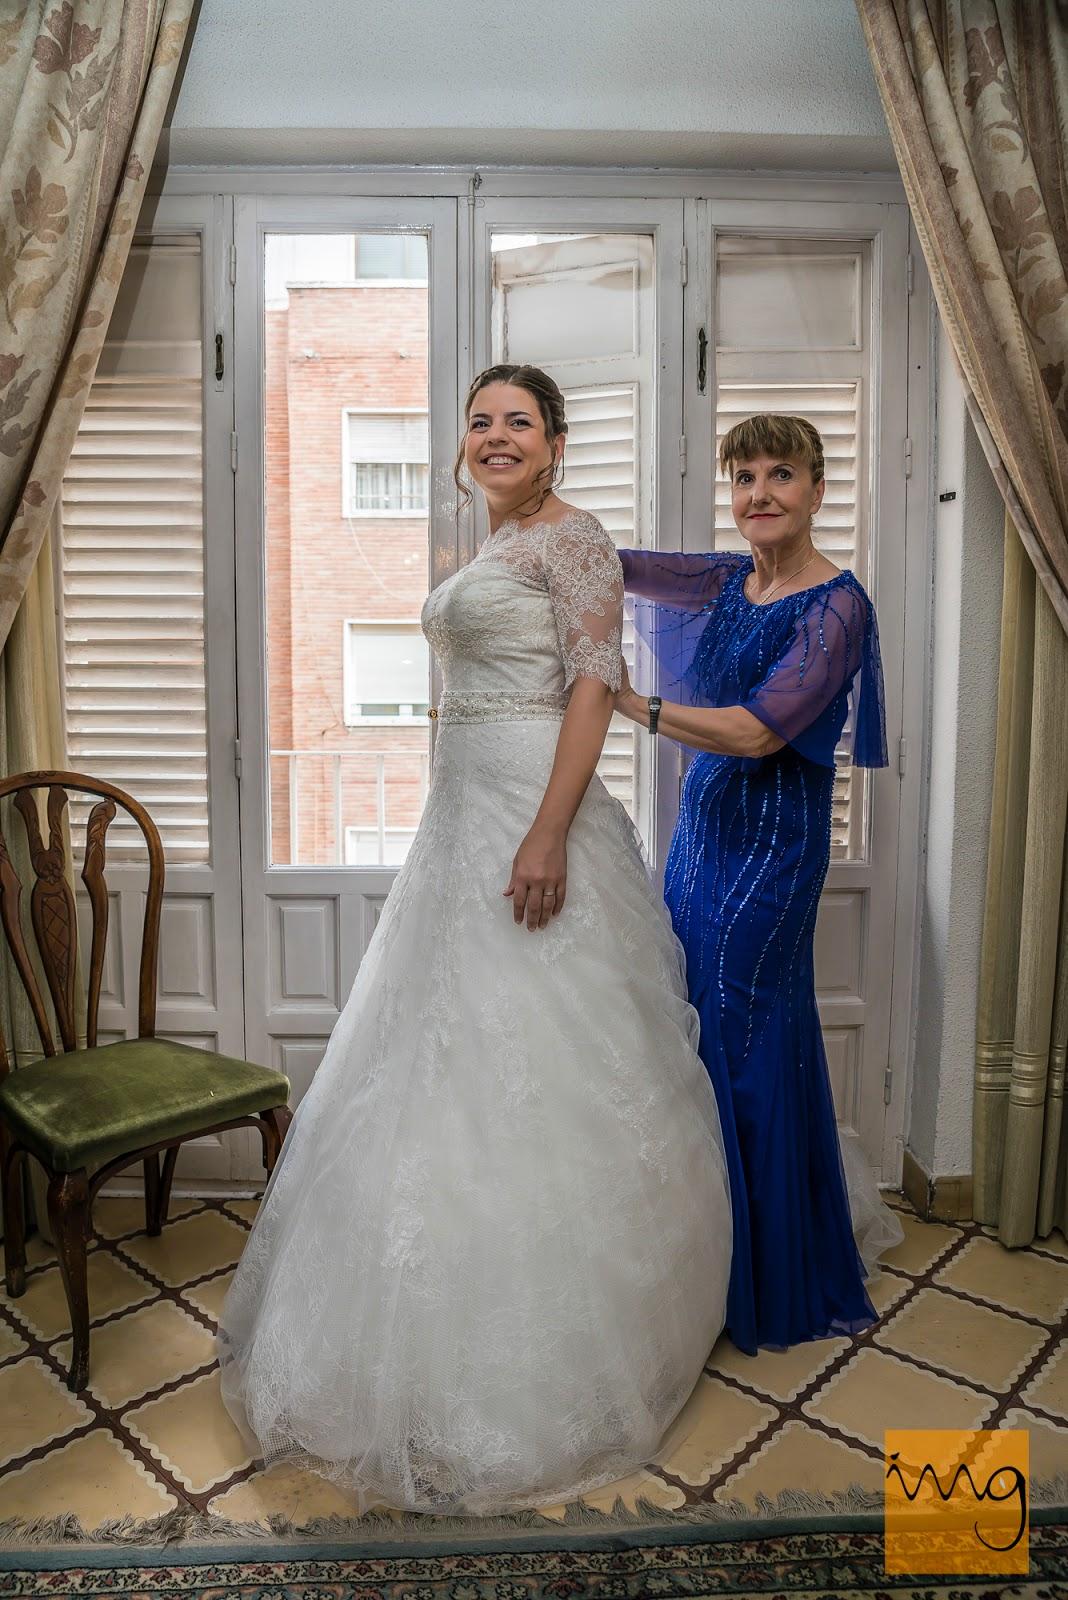 Fotografía de boda con la novia